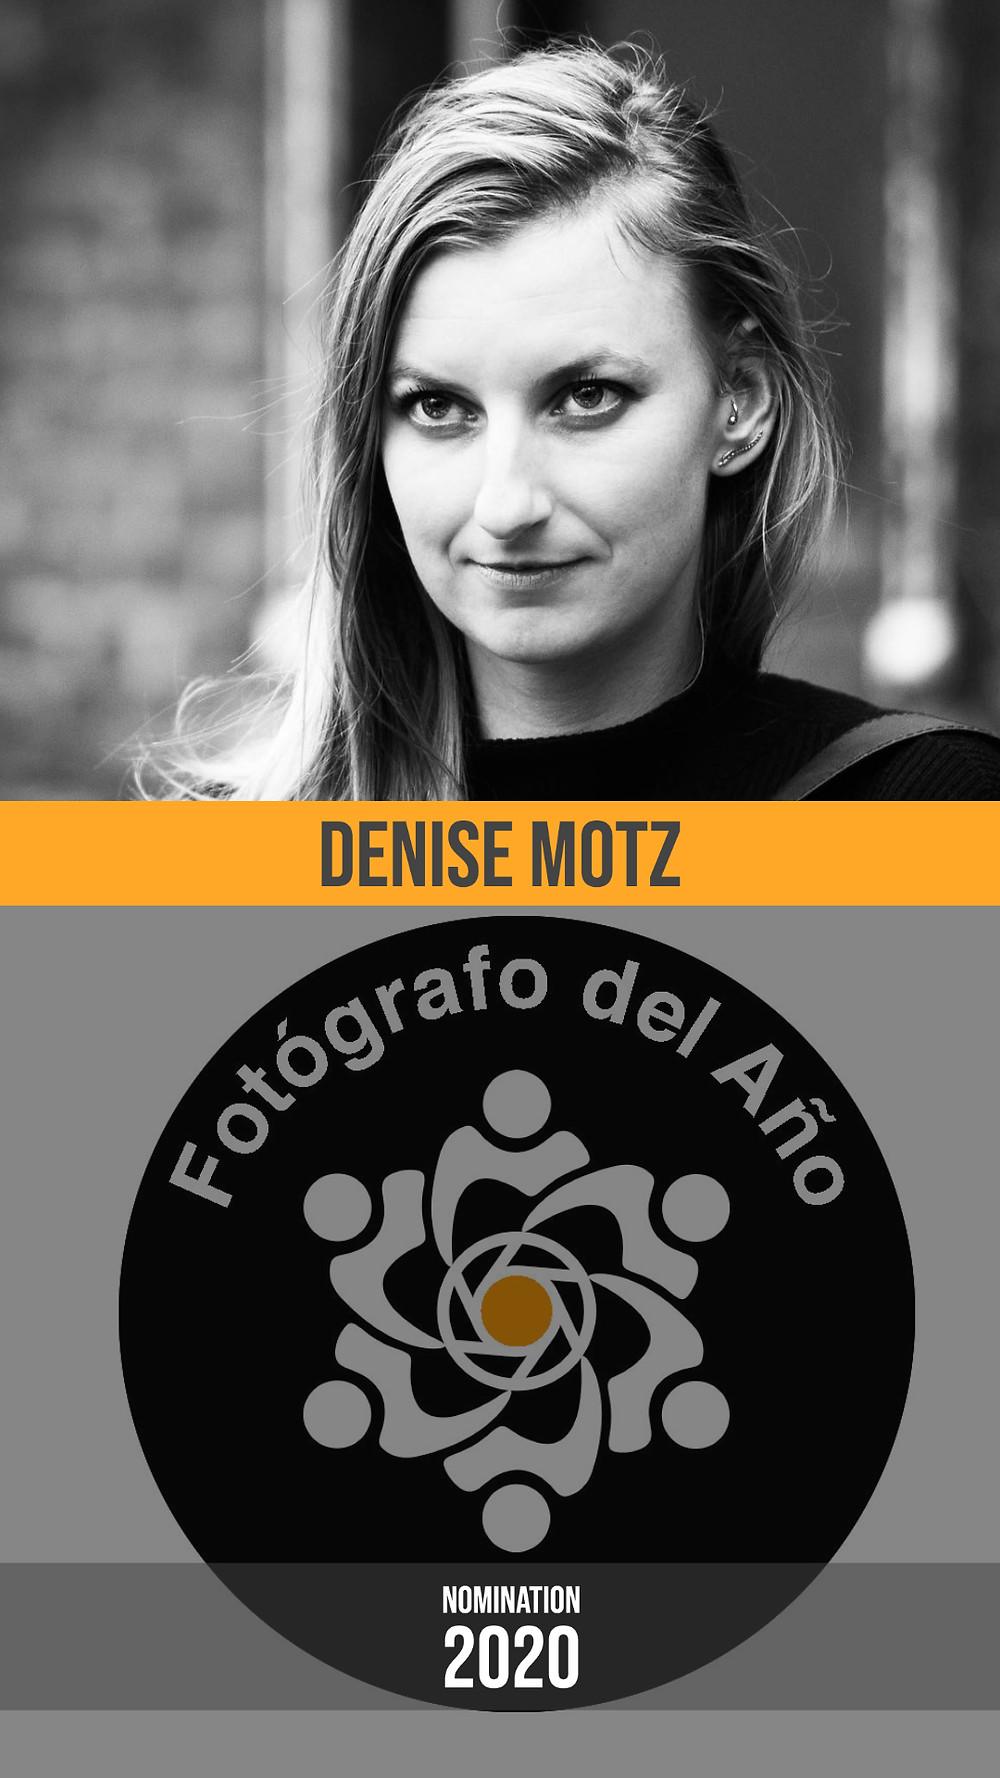 Nominatie Trouwfotograaf van het jaar 2020, Fotógrafo del Año